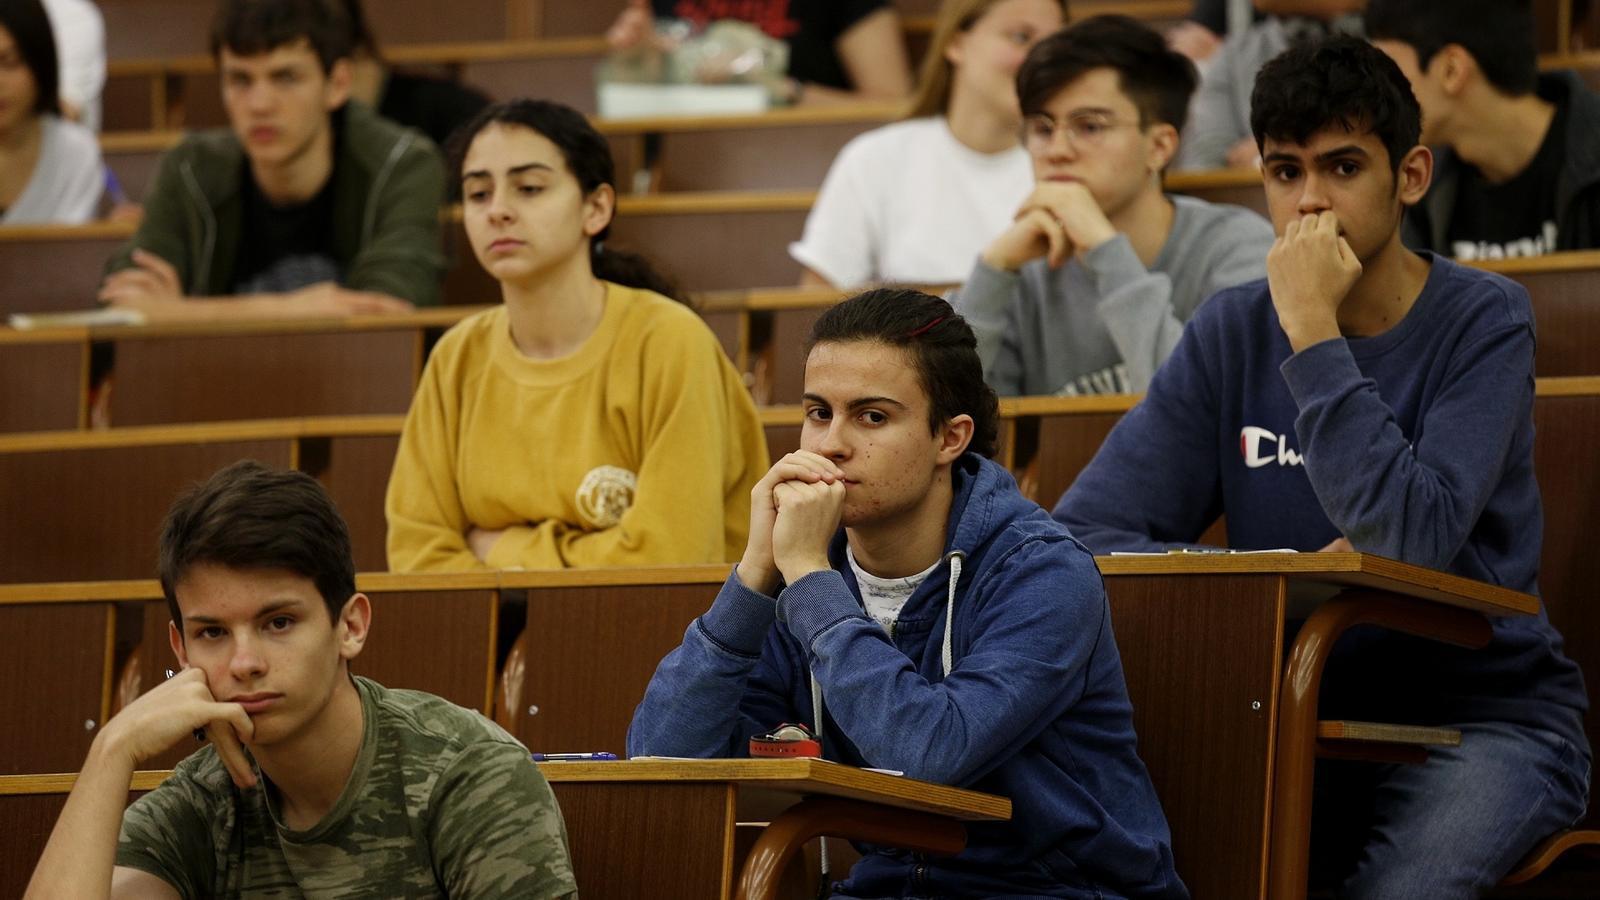 Estudiants durant un examen de les PAU ahir a Barcelona